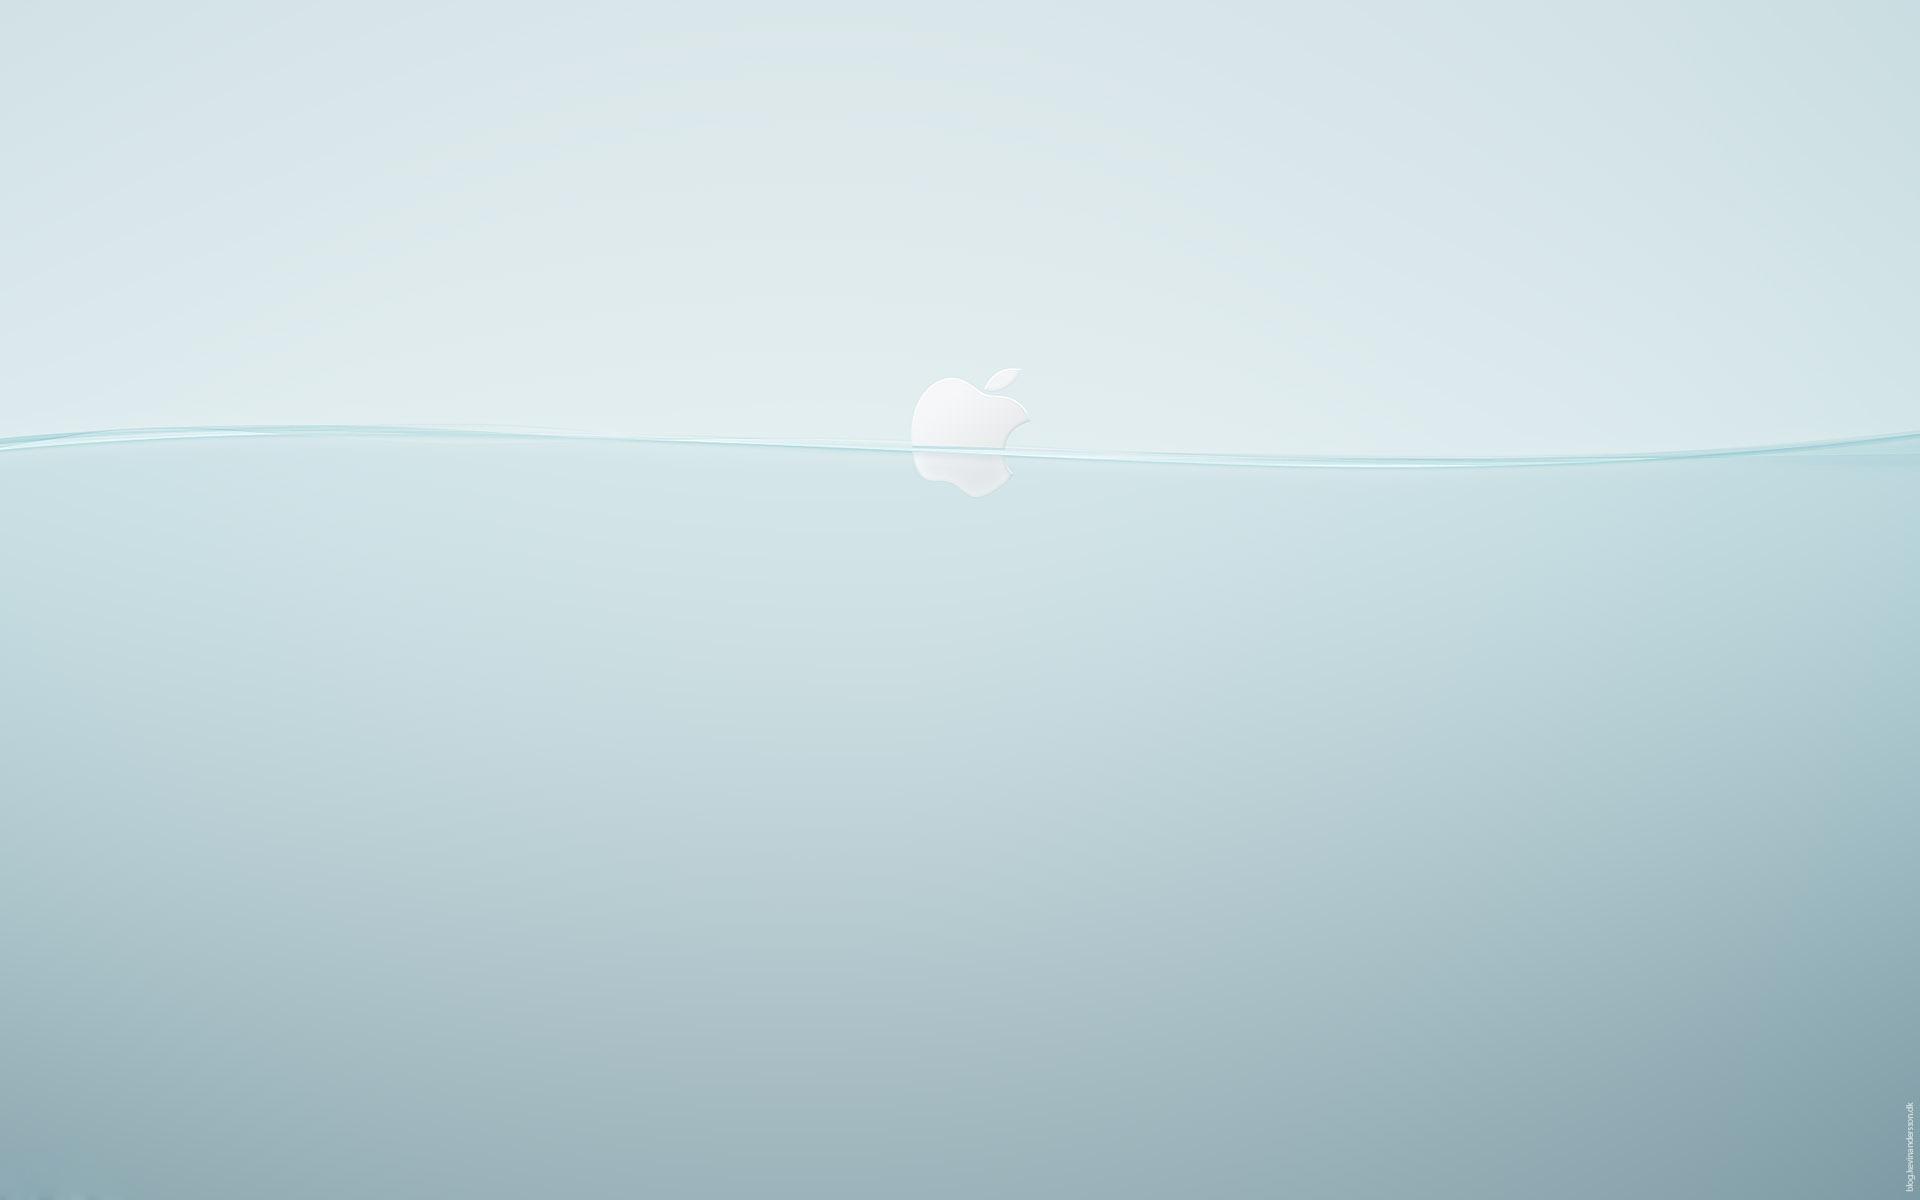 Minimalist Desktop Wallpaper Tumblr Hd